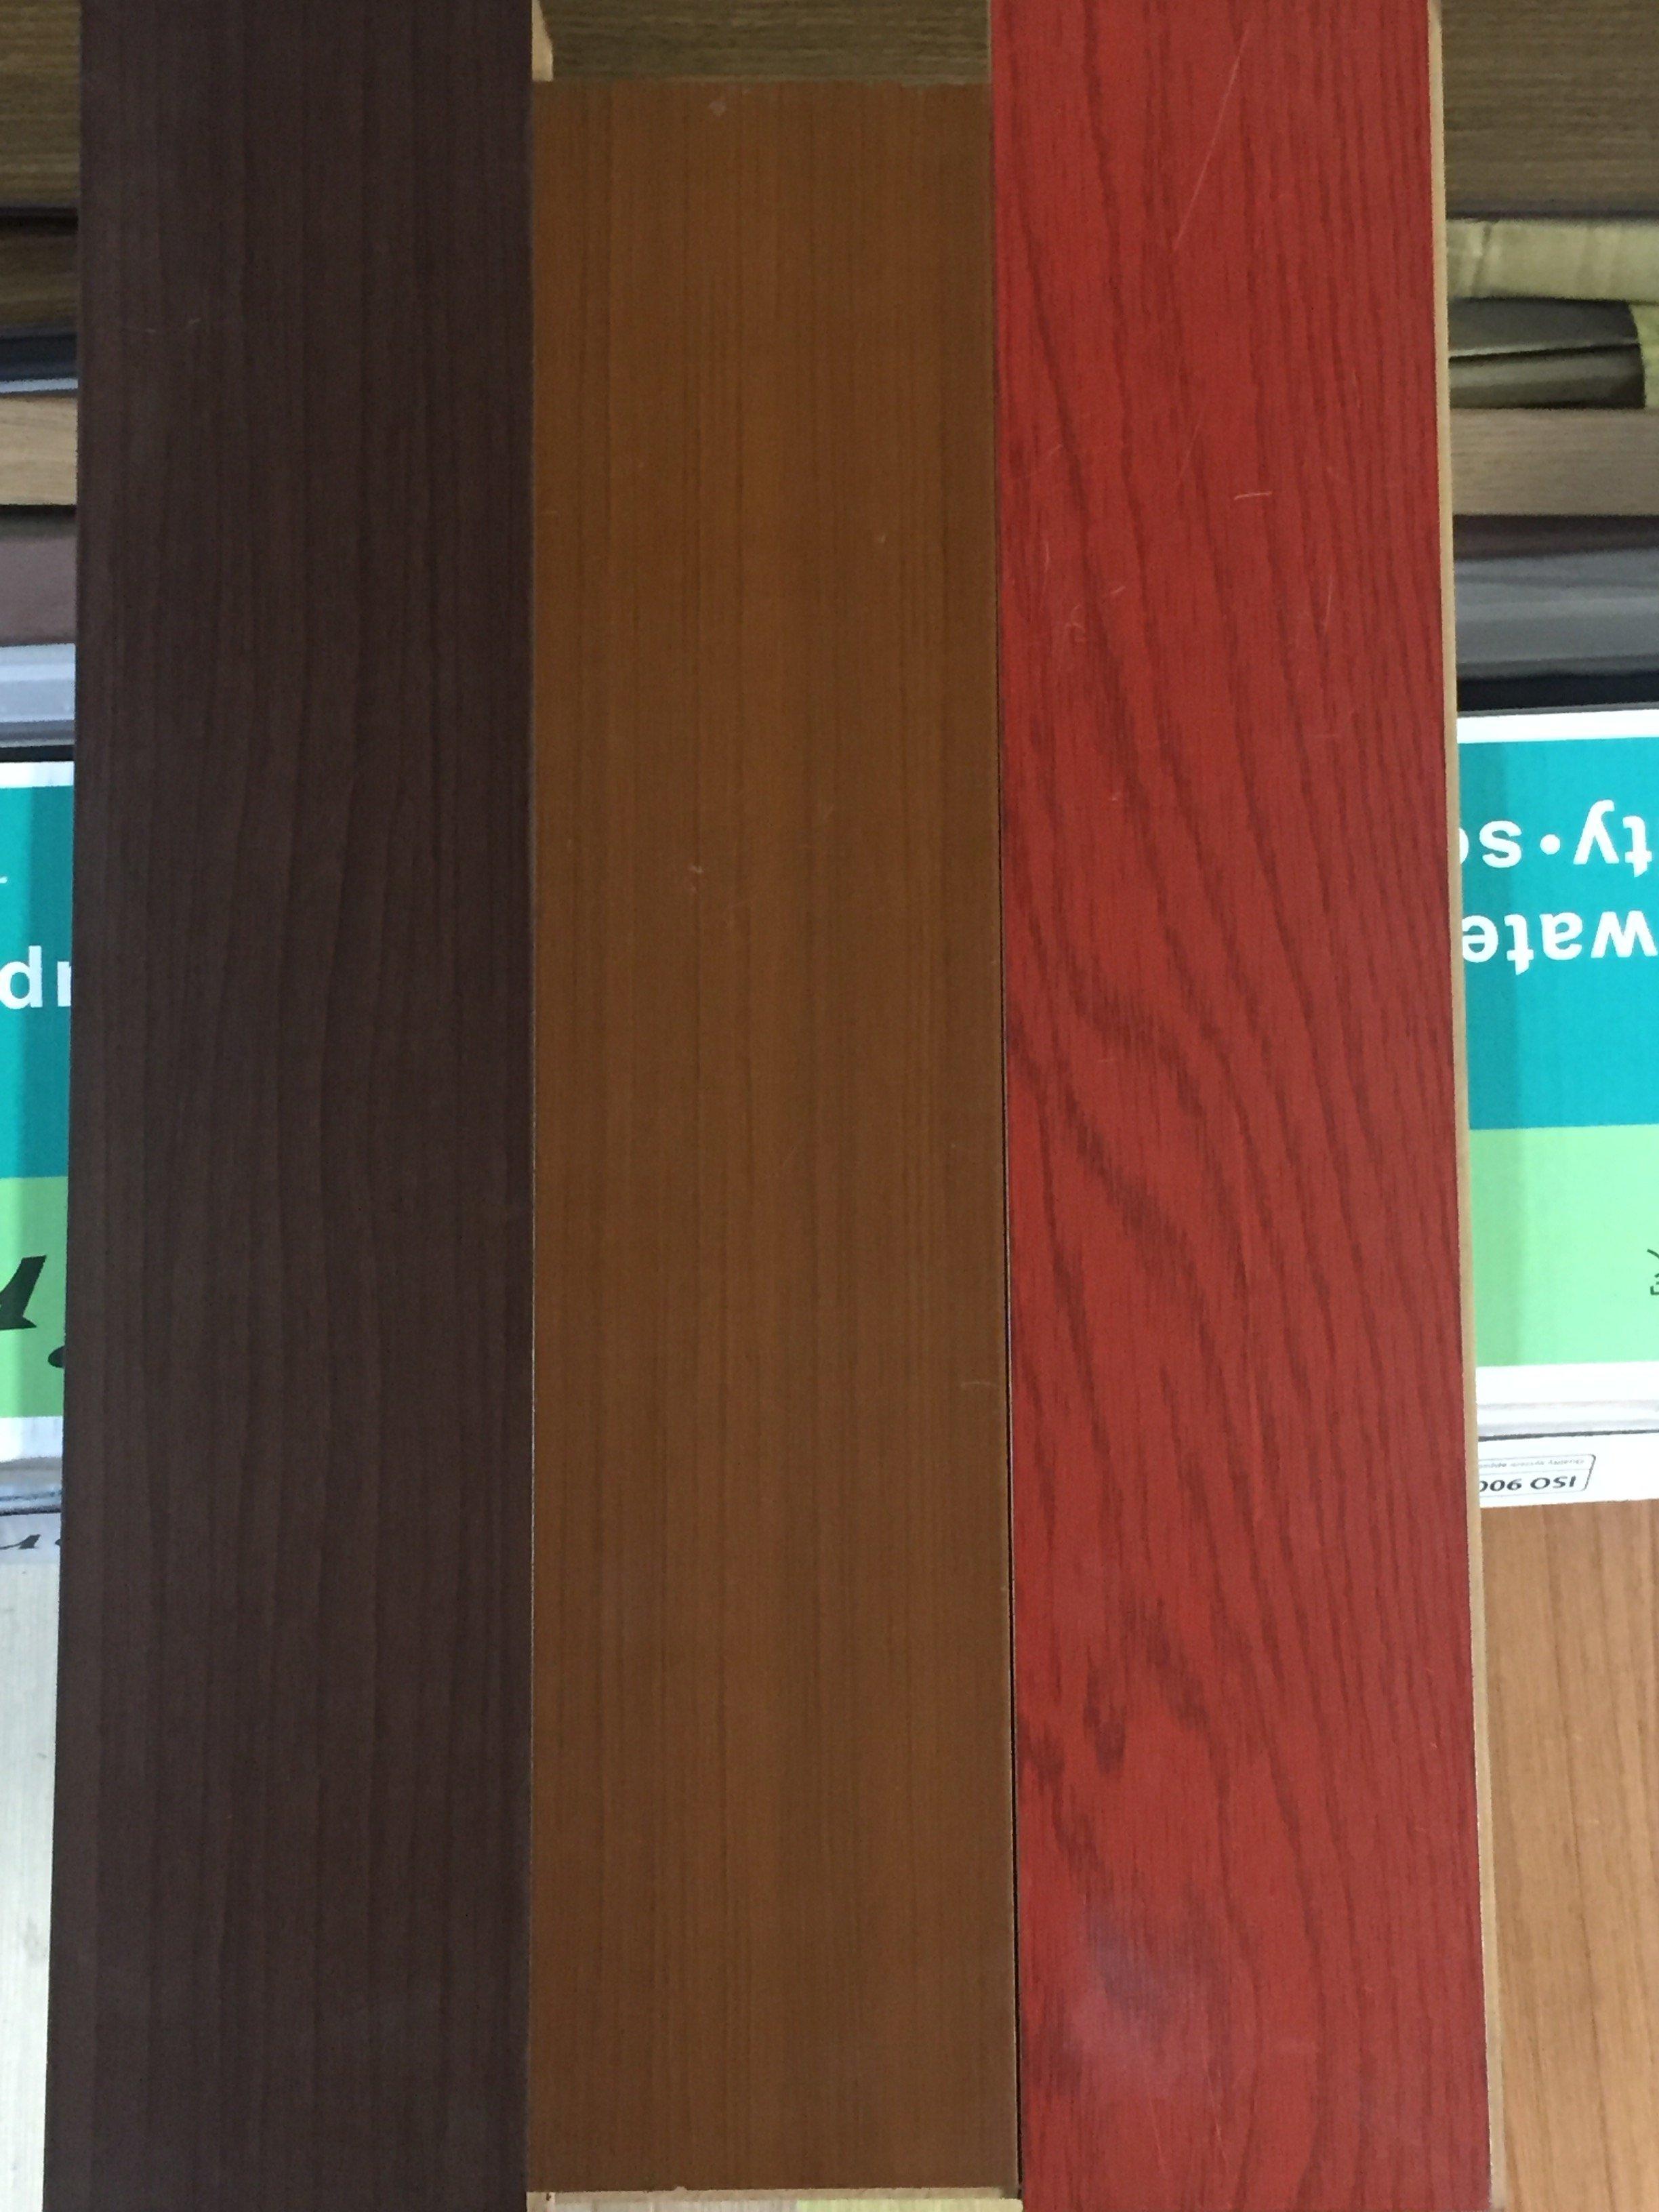 協泰木地板-厚15MM木地板1坪750元施工到好1500元/中盤商/出清價,保證全台我最便宜